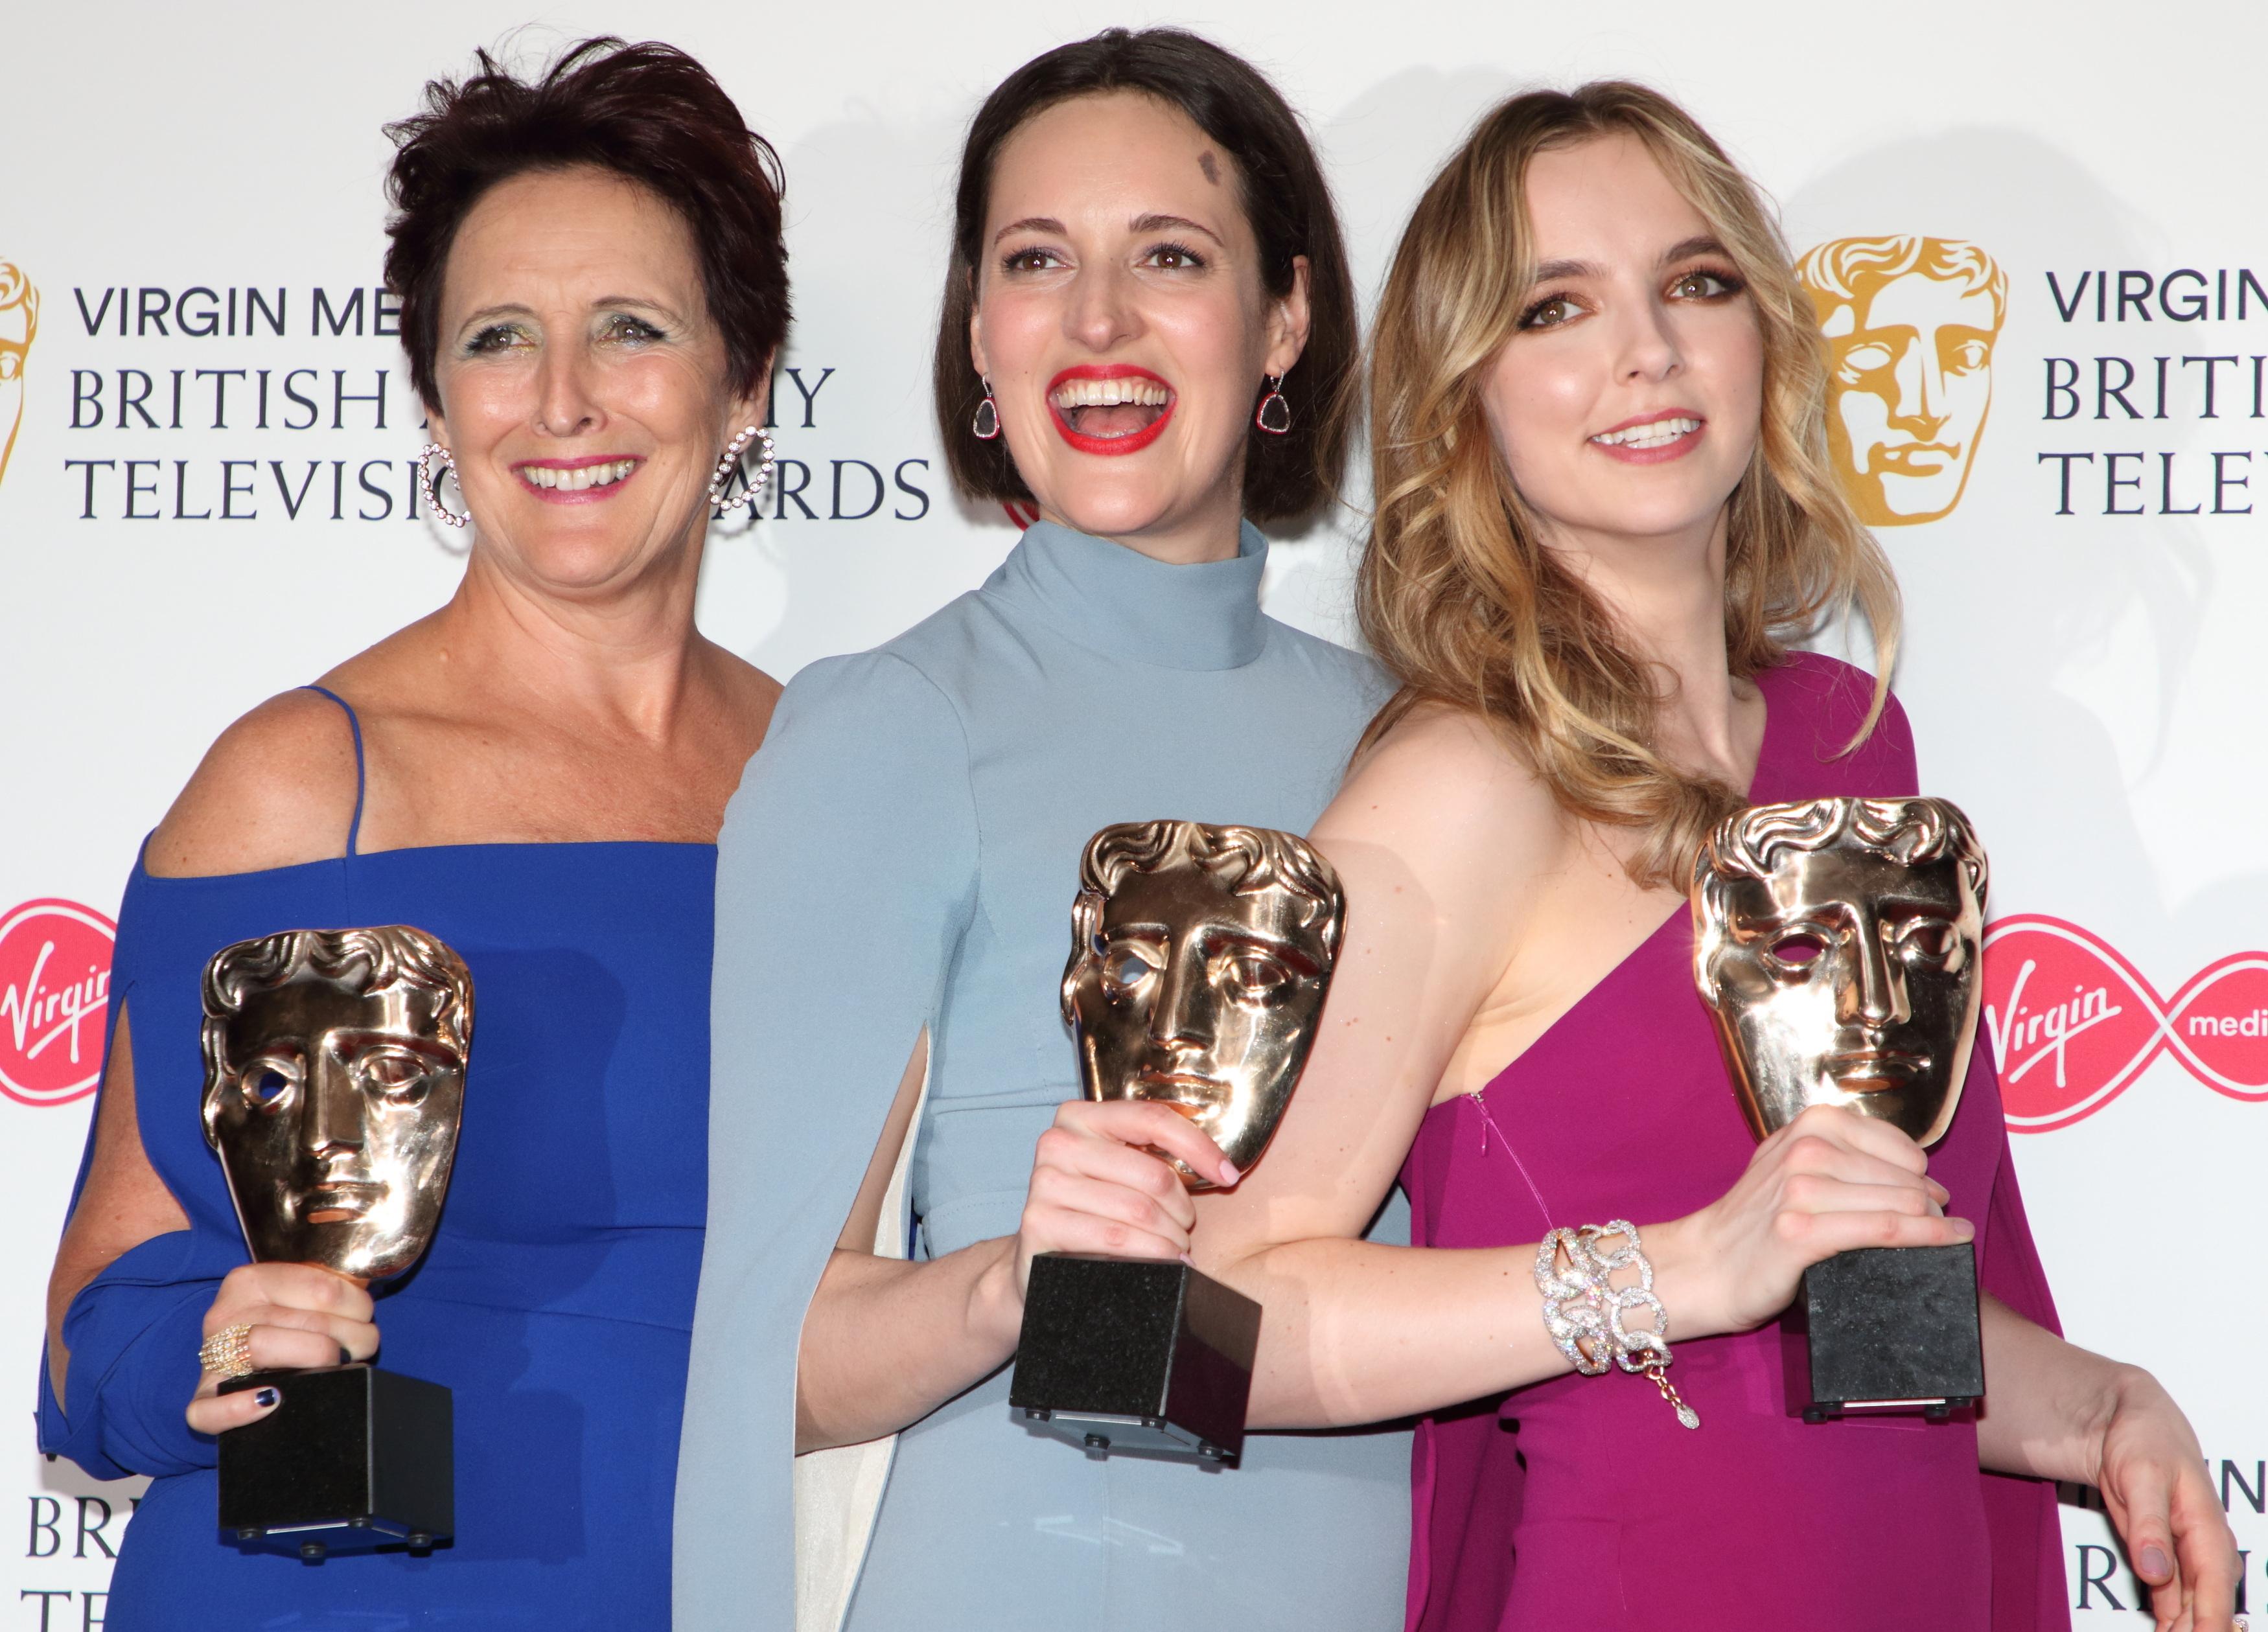 Killing Eve won three gongs at the BAFTA TV awards. Credit: PA